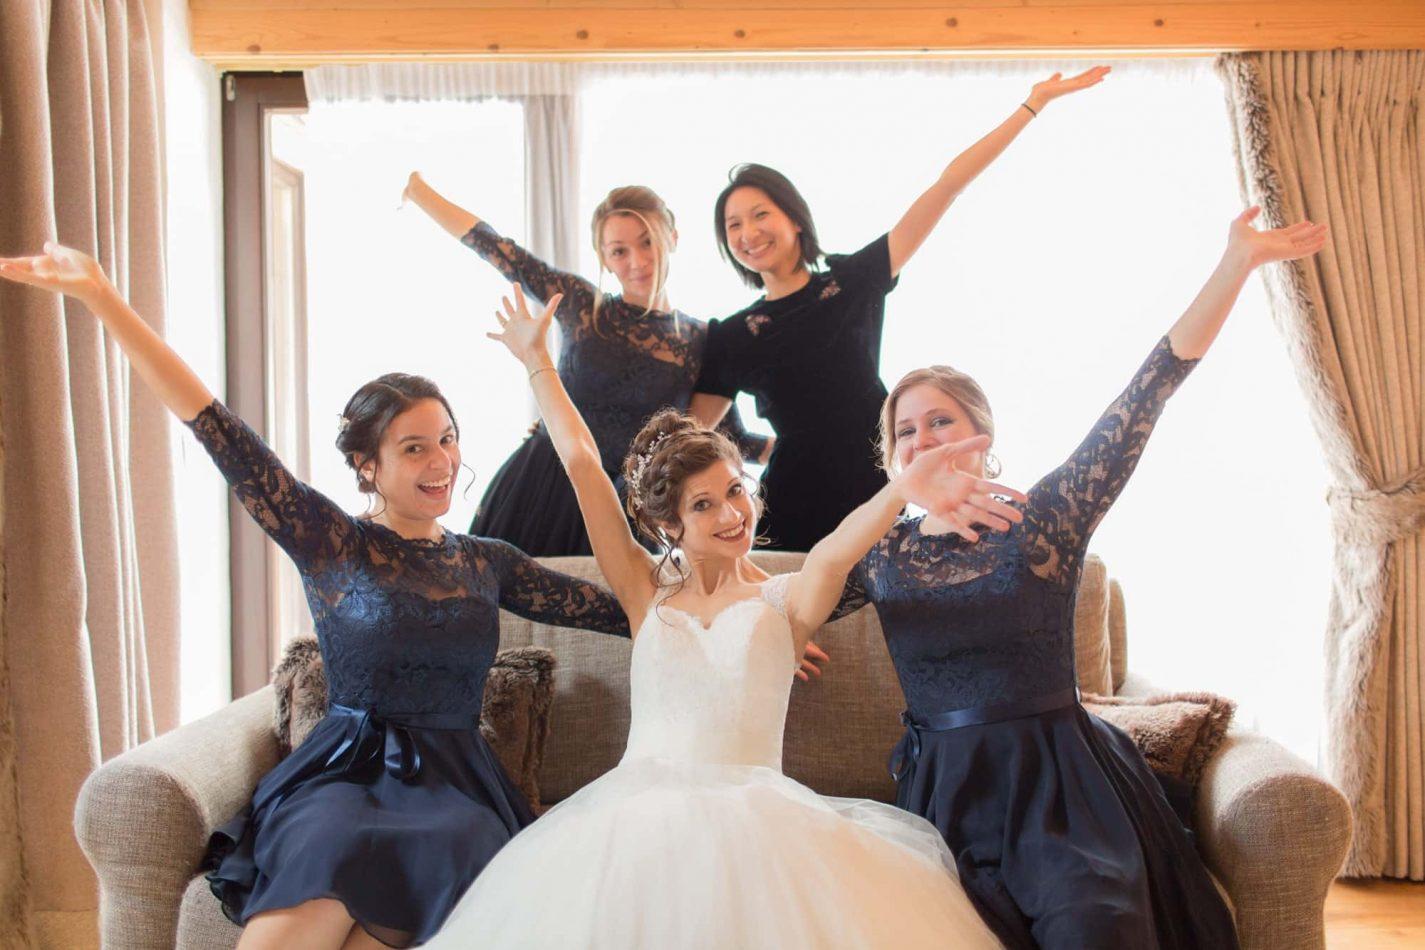 célébration de la mariée avec ses demoiselles d'honneur